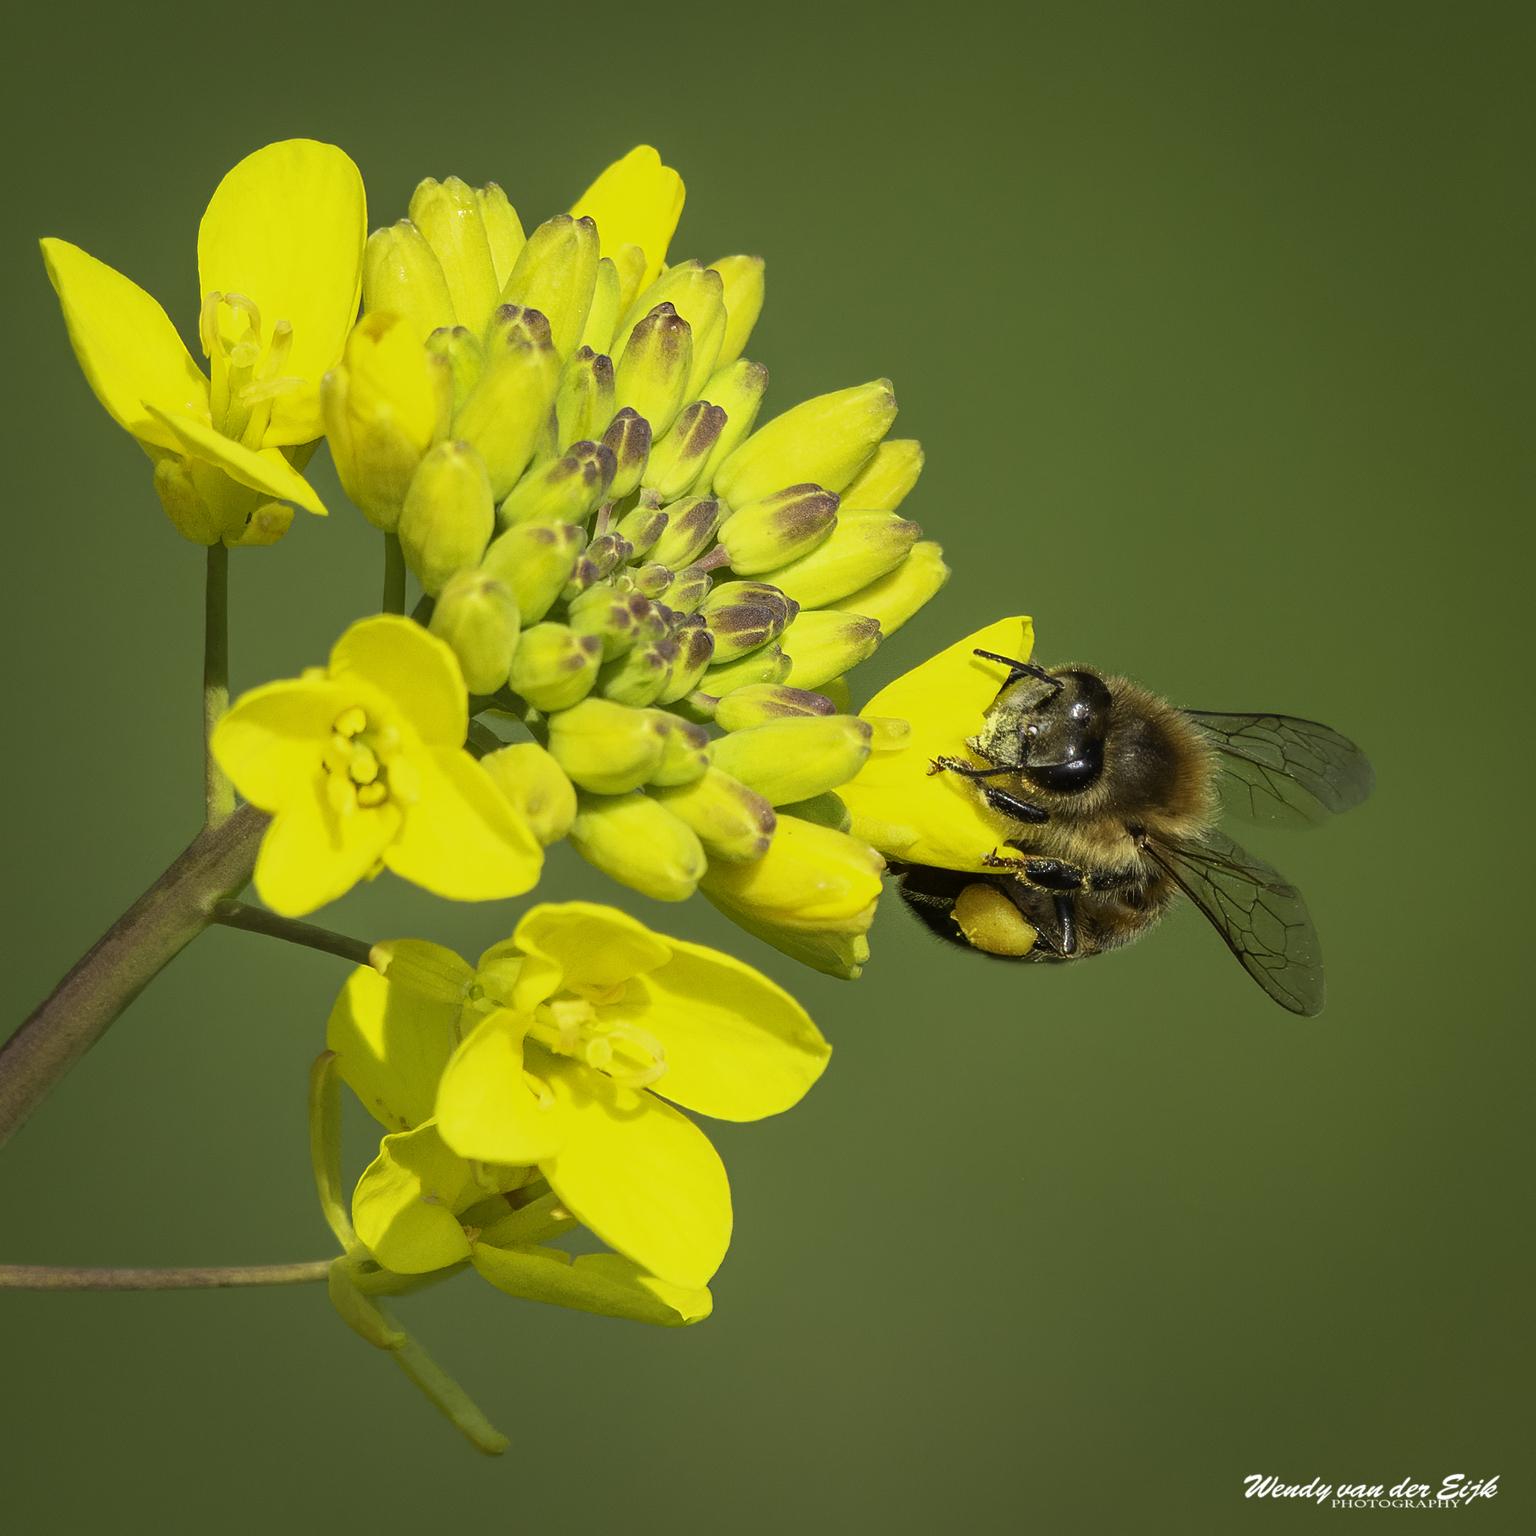 Hardwerkende honingbij - Deze bij is druk bezig met het verzamelen van nectar. - foto door FotoWendy op 22-04-2021 - locatie: Polder van Biesland, 2645 Delfgauw, Nederland - deze foto bevat: honingbij, bij, insect, bloem, geel, natuur, nectar, bloem, fabriek, bestuiver, geleedpotigen, insect, bloemblaadje, bloeiende plant, kruidachtige plant, detailopname, plaag